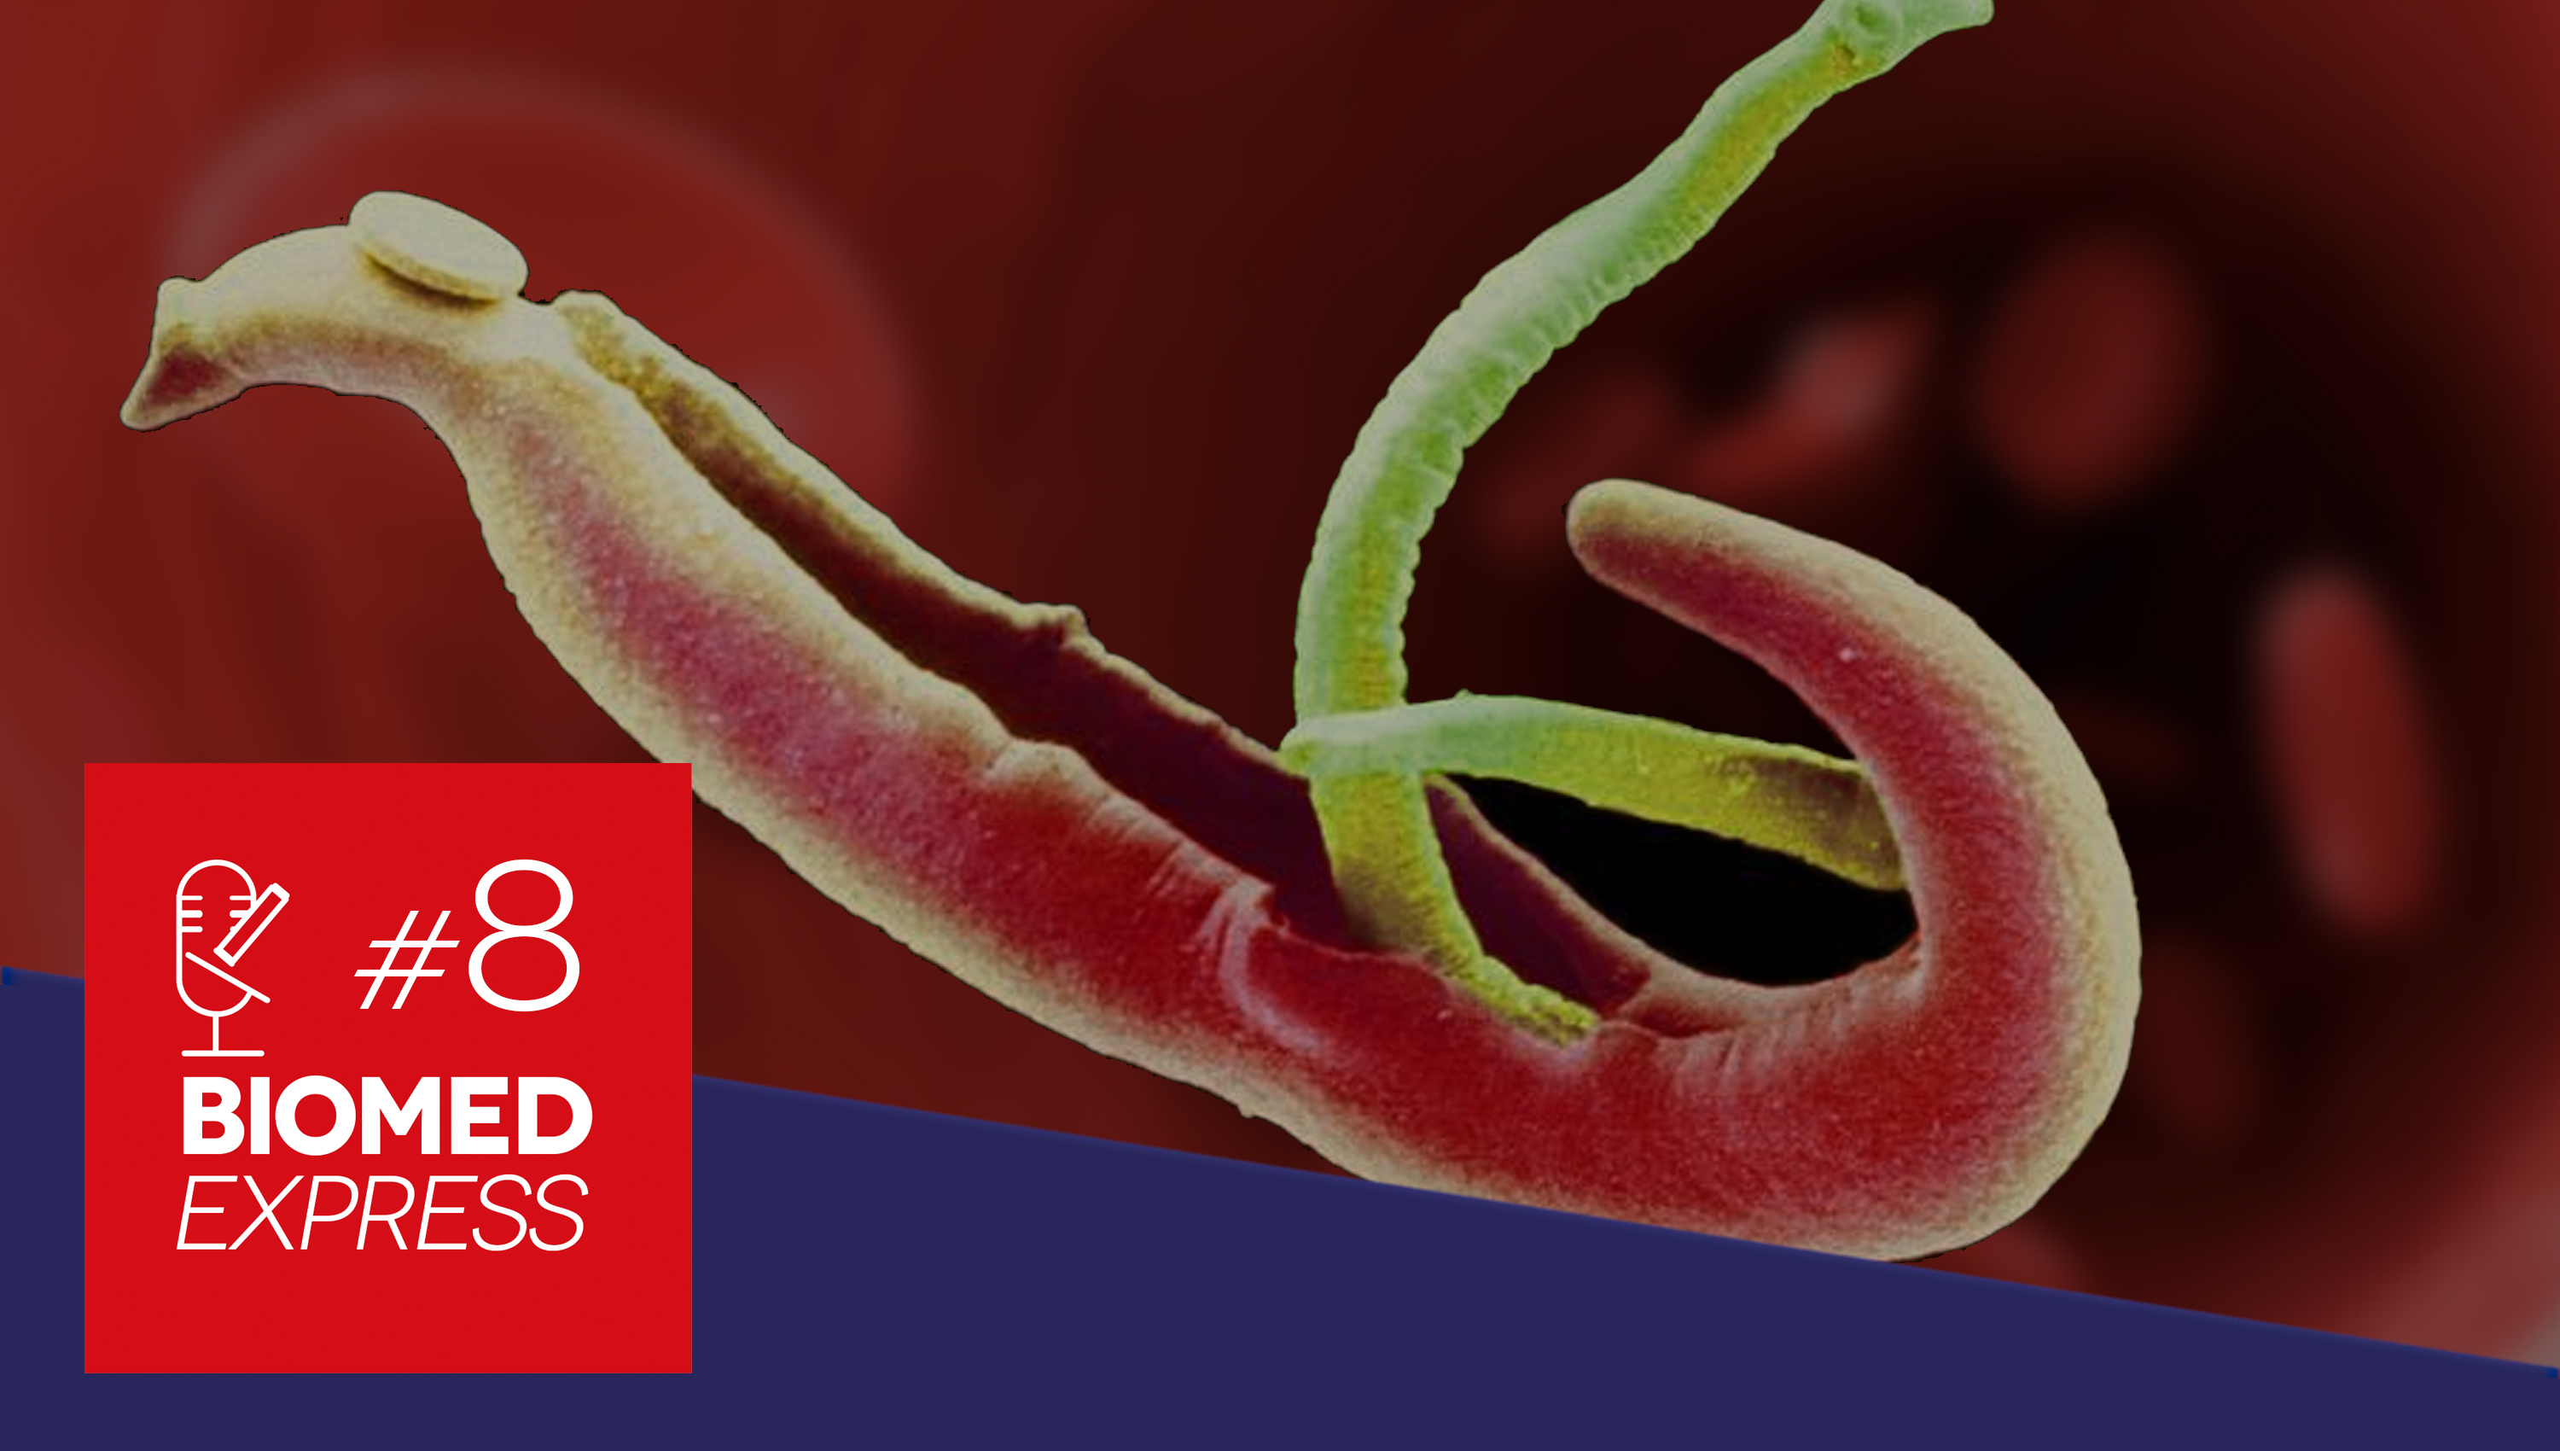 #8 Biomed Express – Vacina Brasileira para Prevenção da Esquistossomose